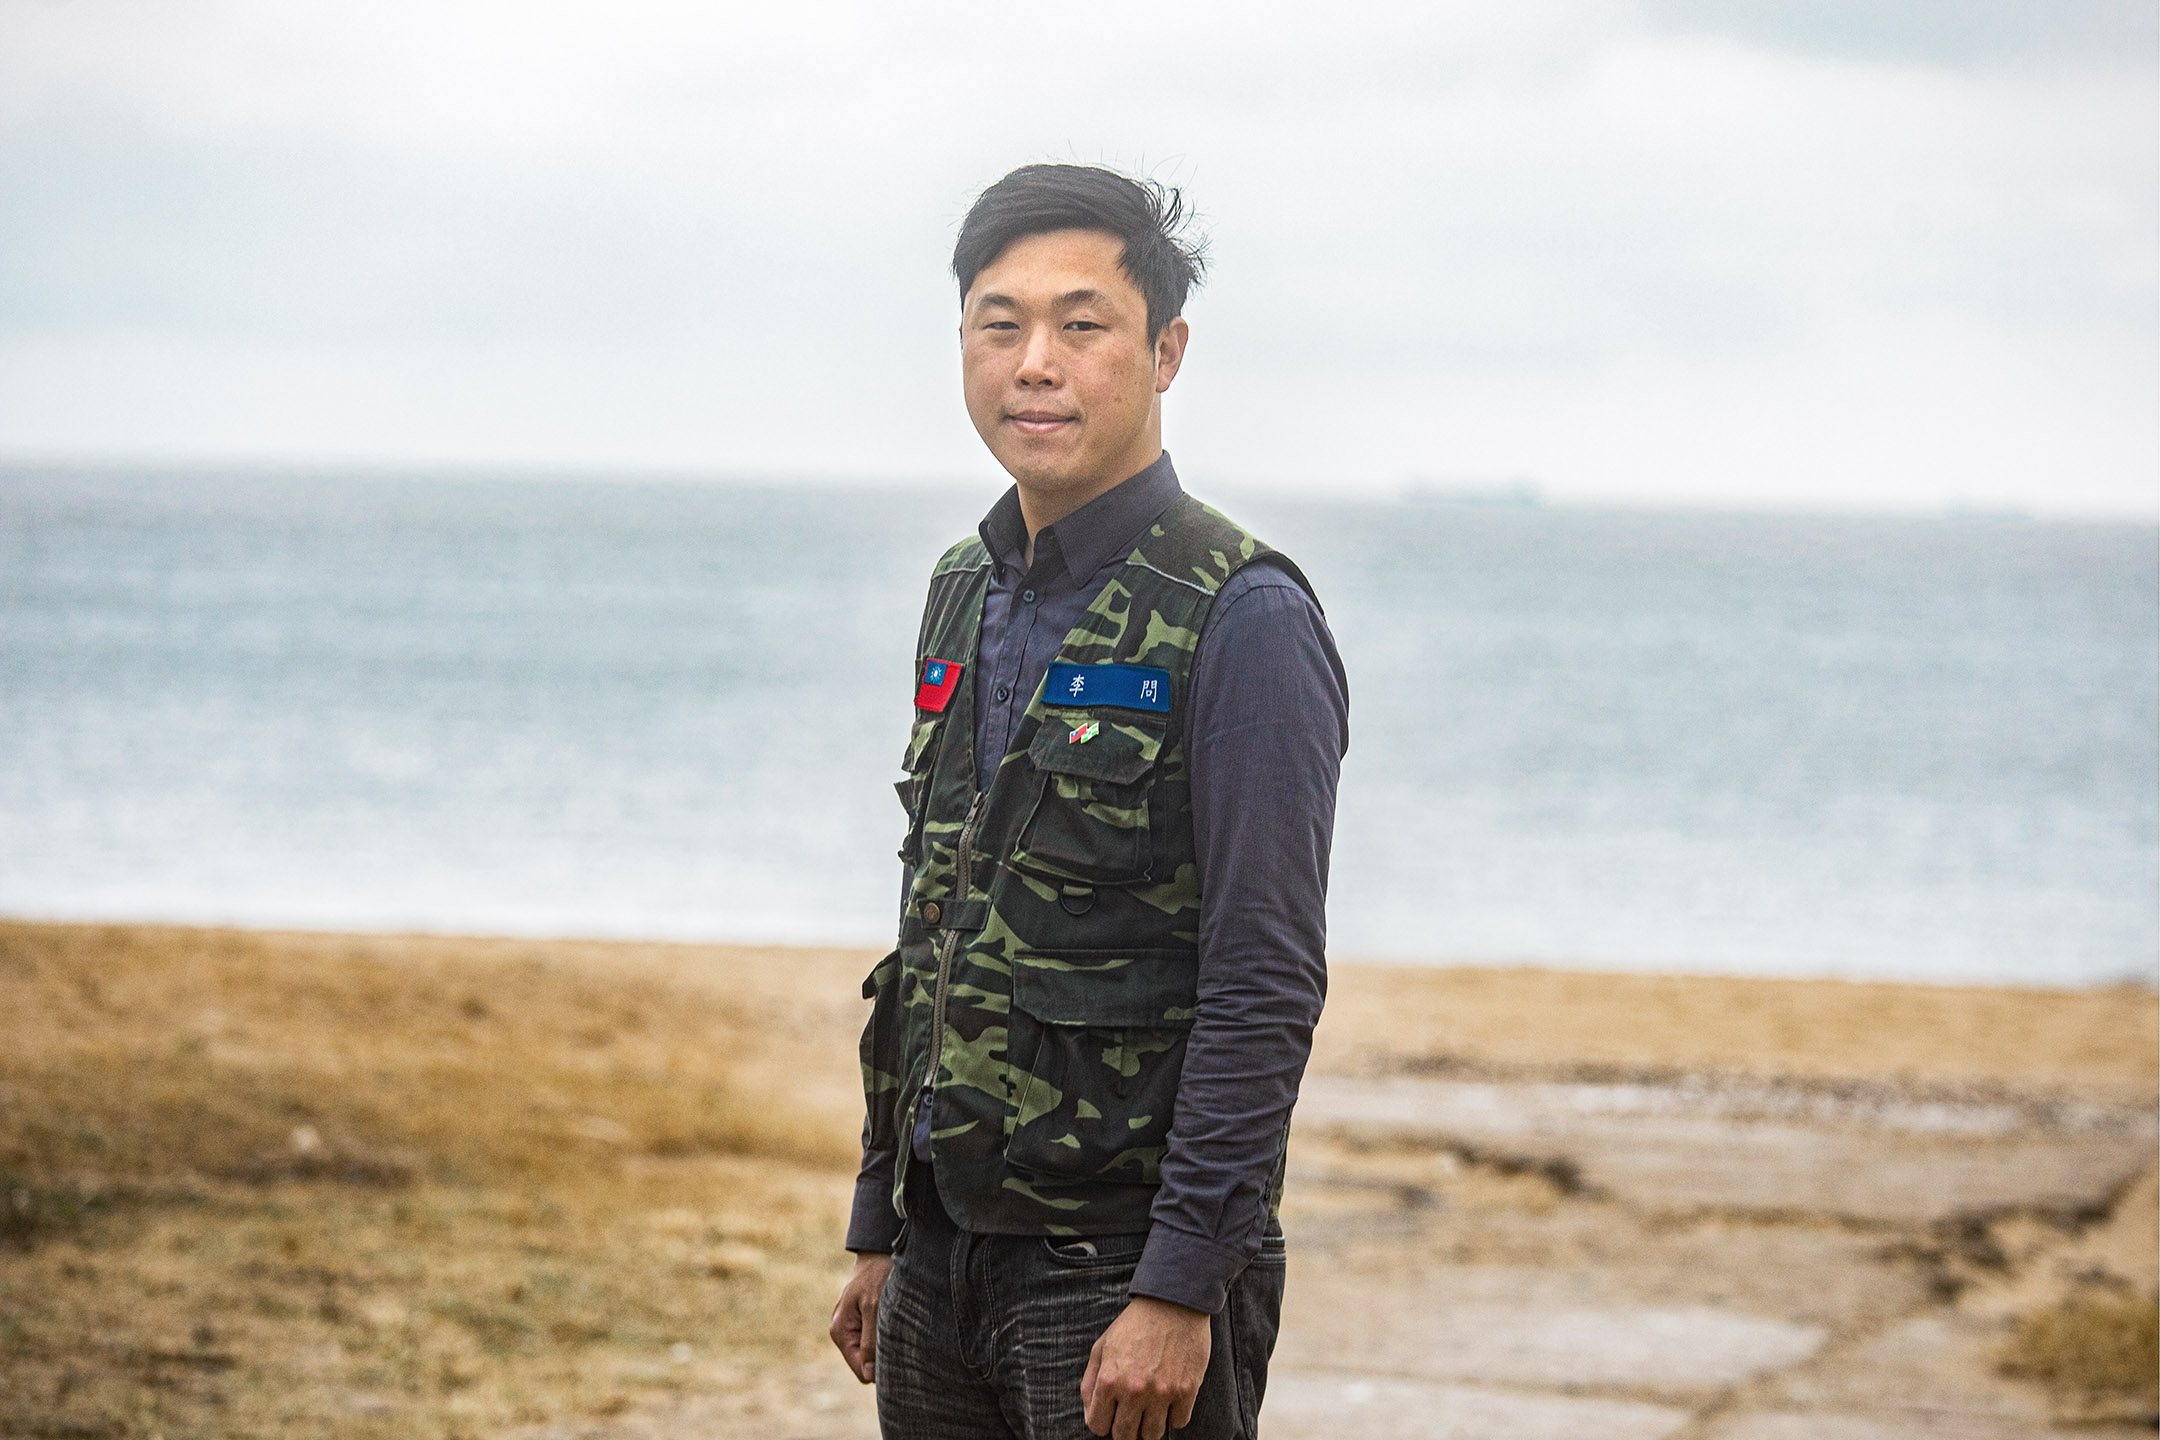 2019年11月30日,李問在台灣連江縣的海邊。